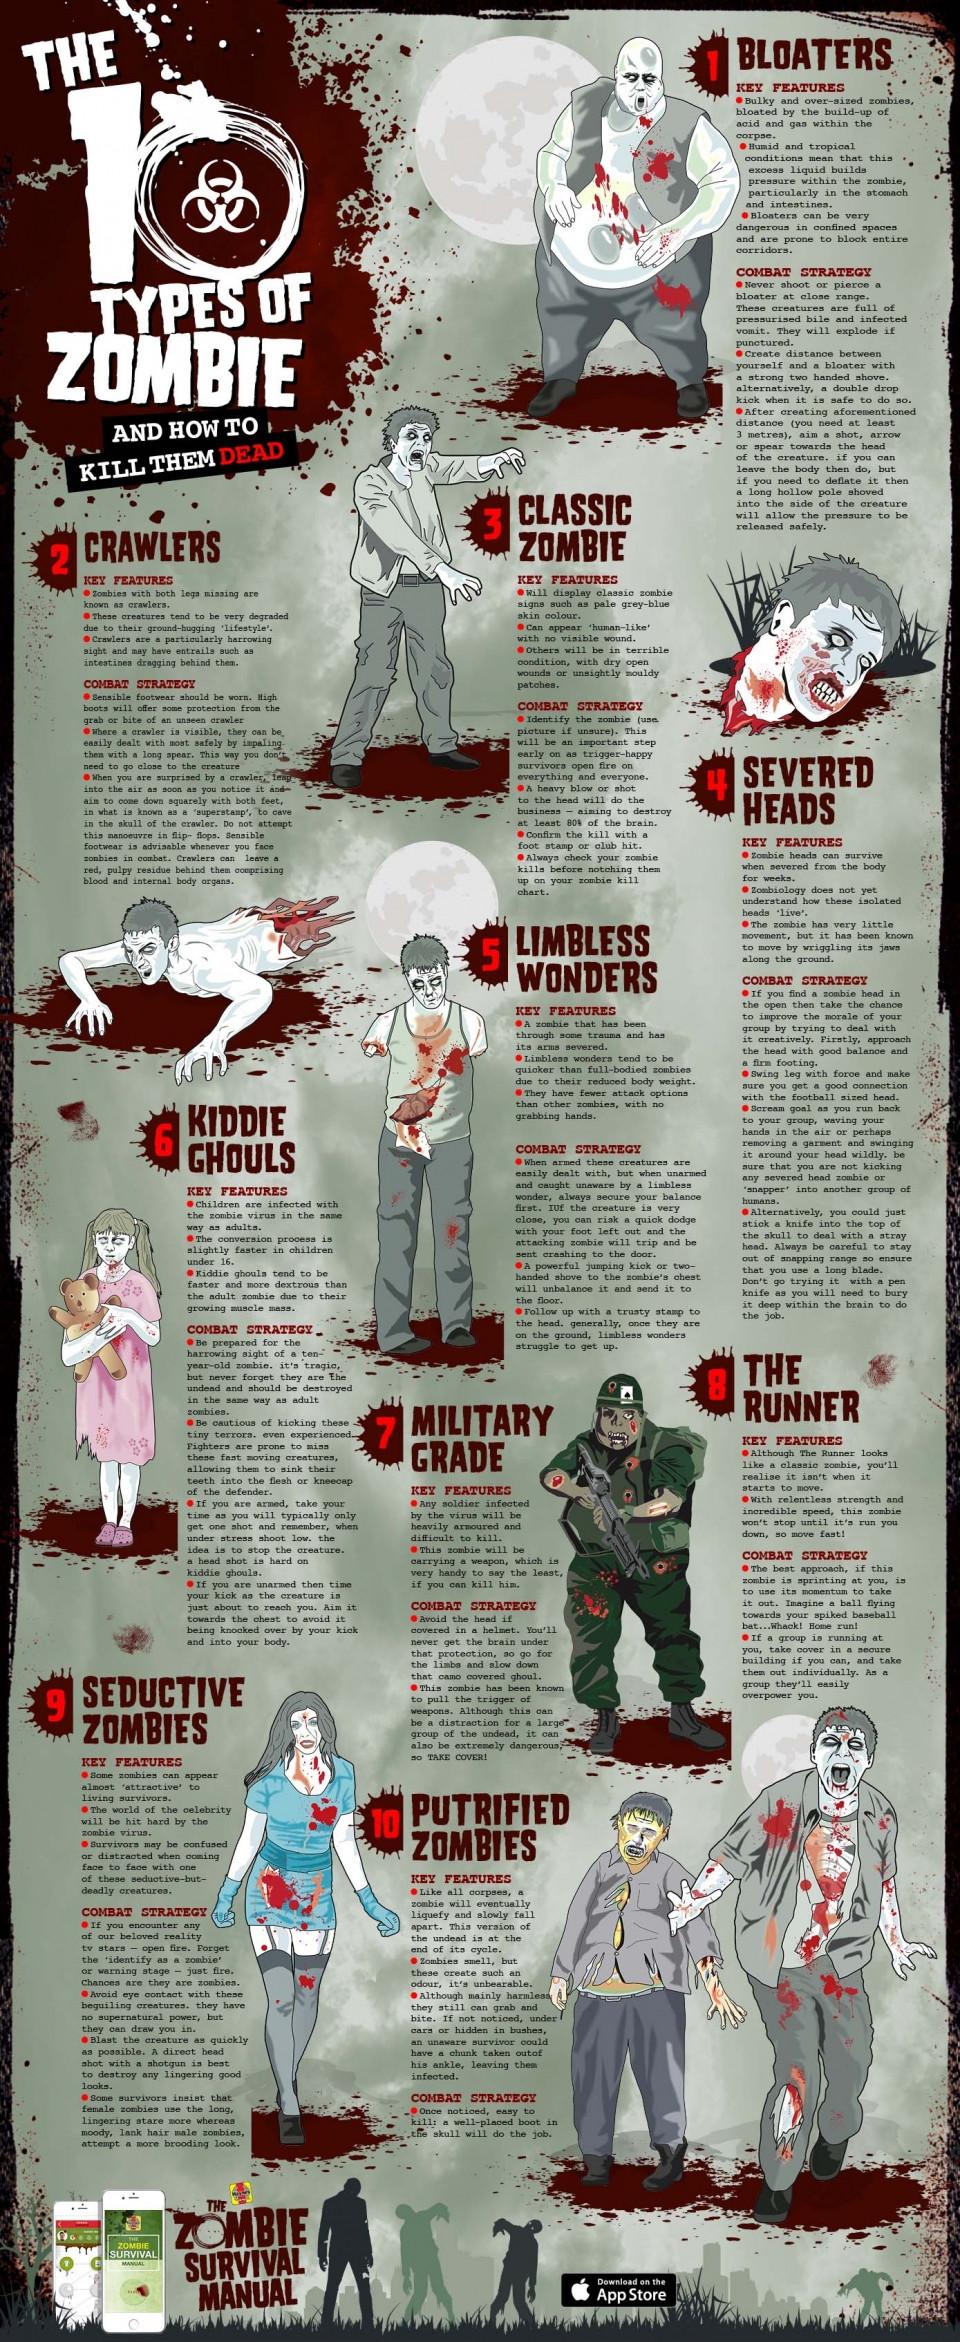 Zombie_infographic_2.jpg